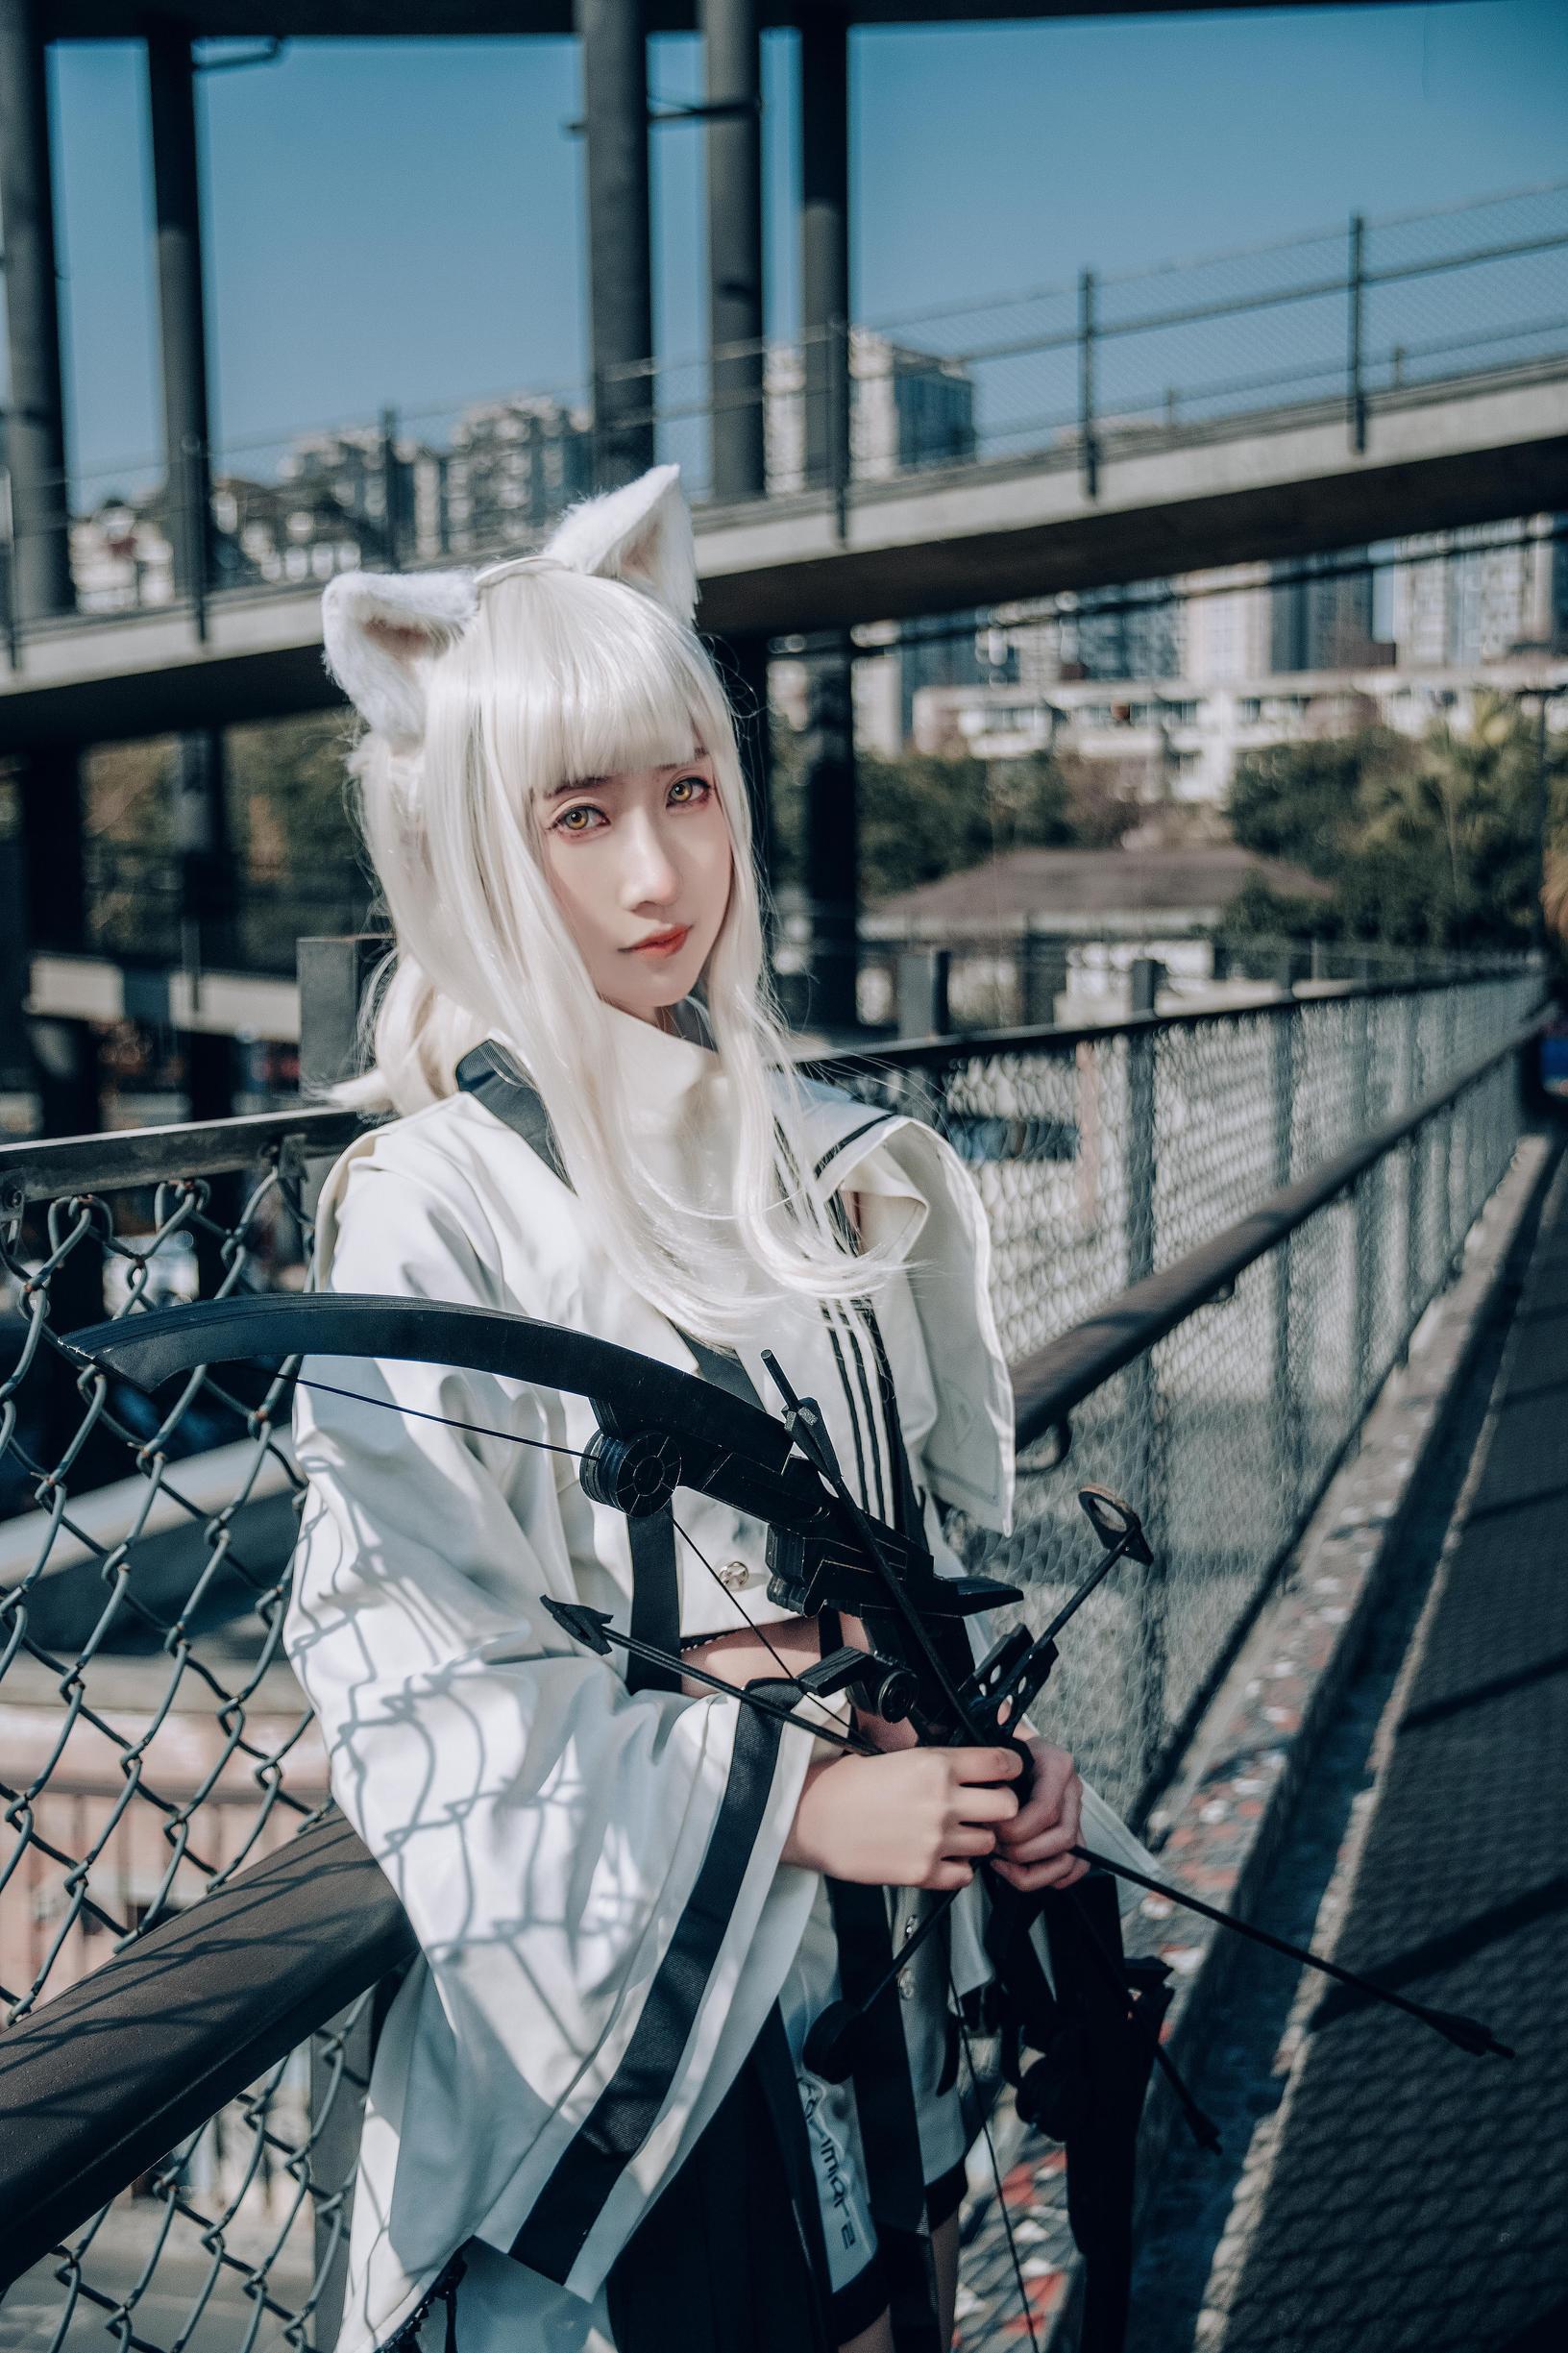 《明日方舟》正片cosplay【CN:羽咲_VedeN】-第10张